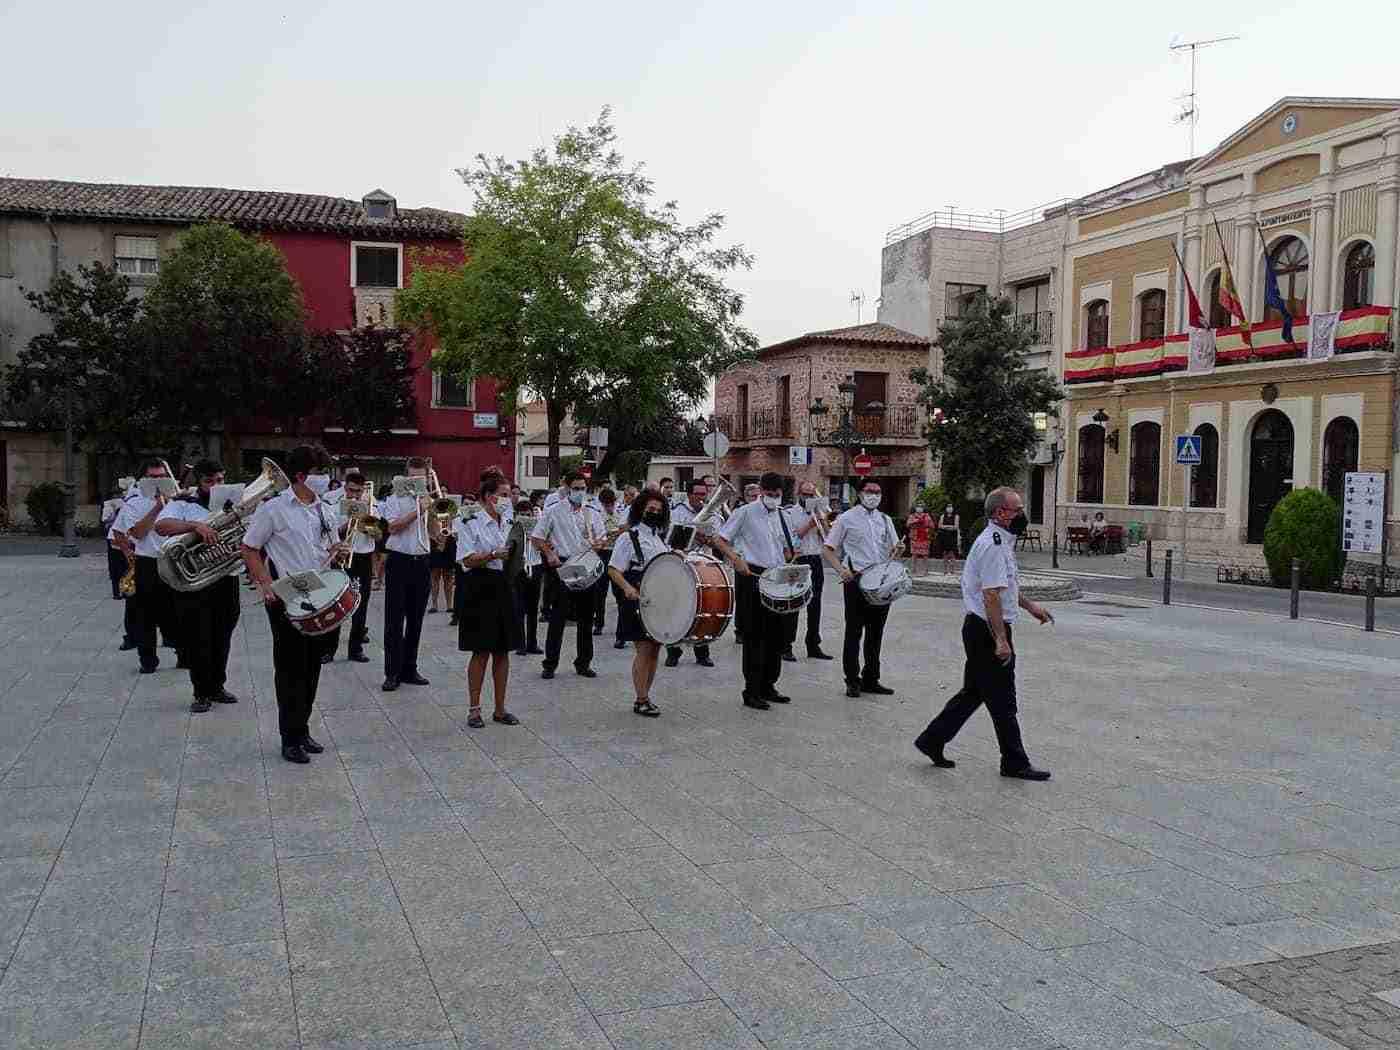 Quintanar inaugura sus fiestas patronales con un pasacalles de la Banda Sinfónica Municipal 12